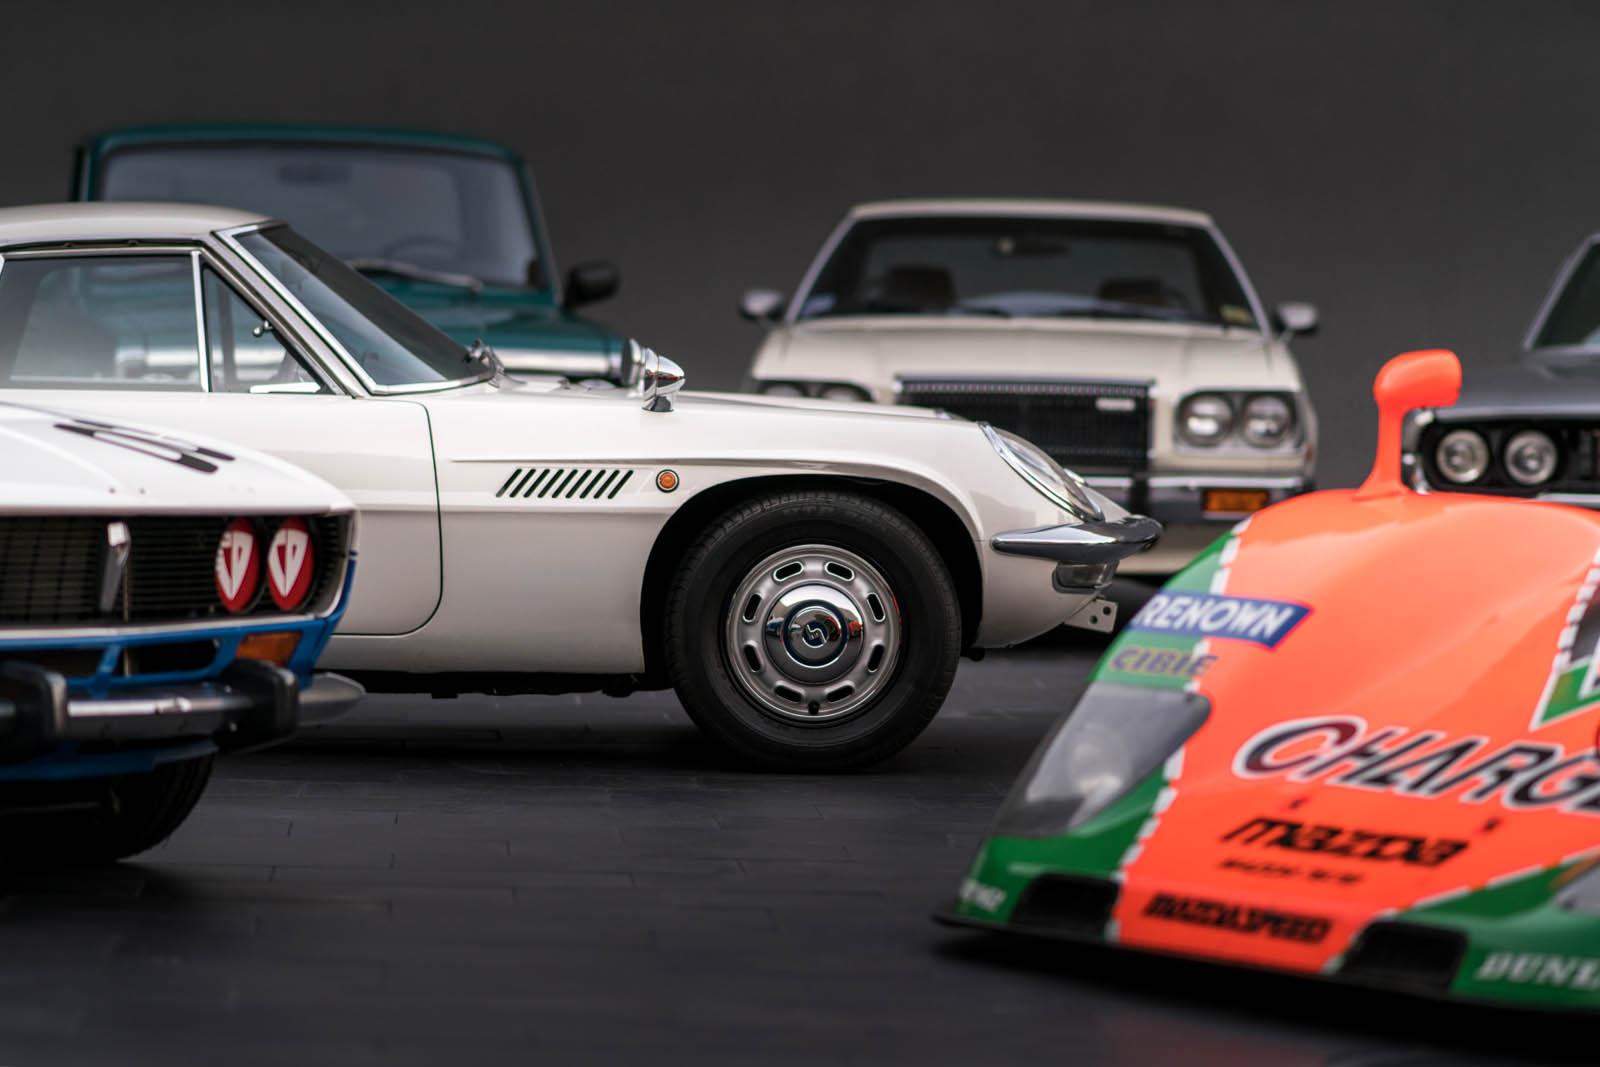 Mazda-50-years-of-rotary-10